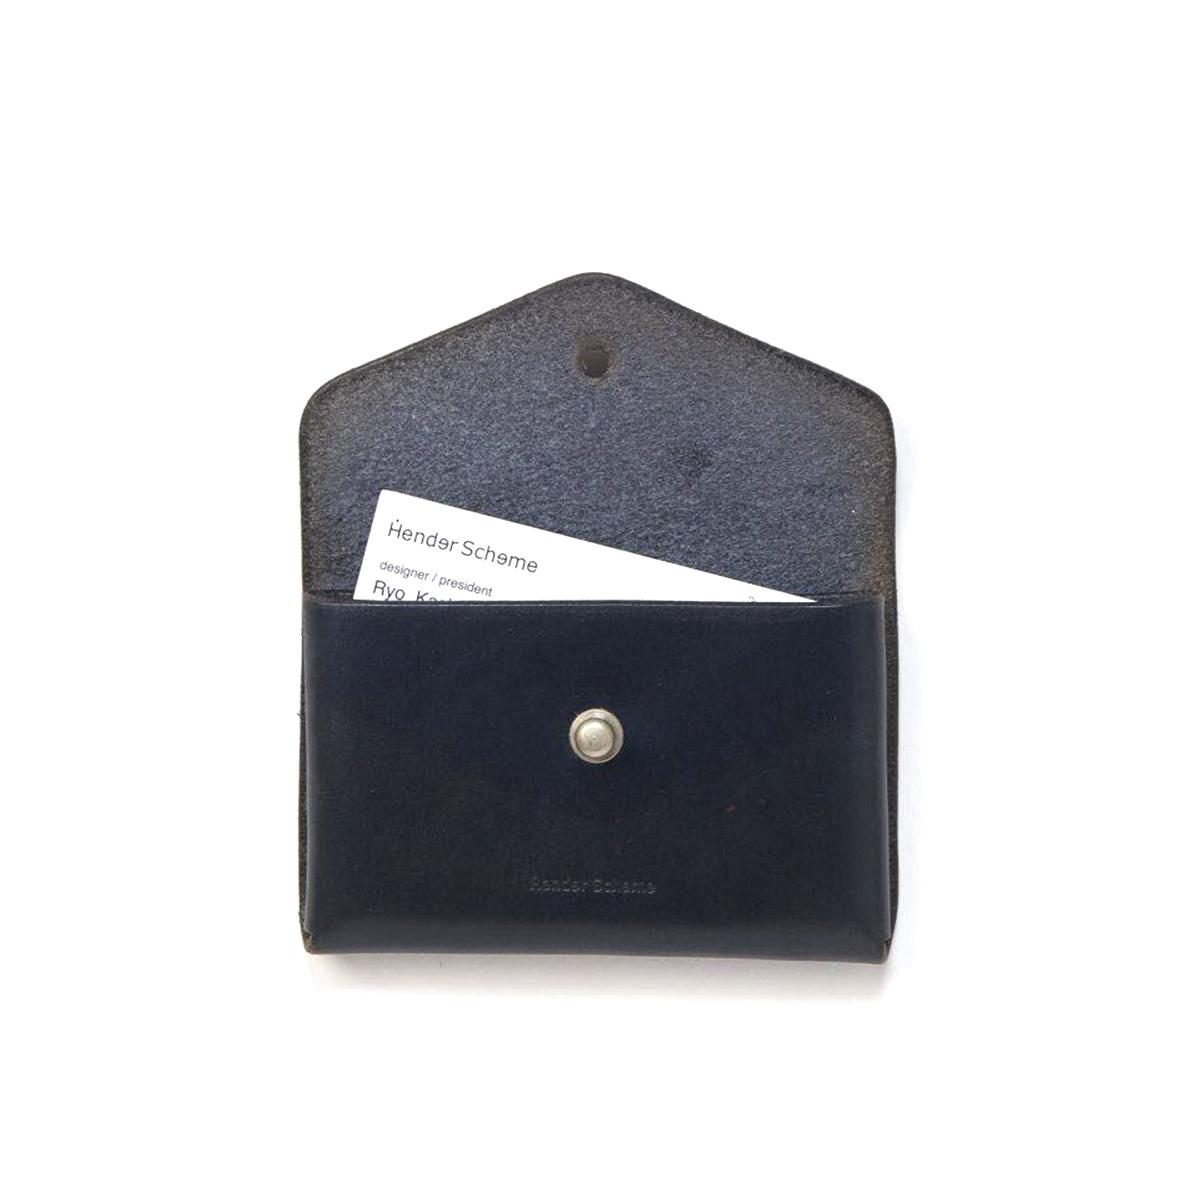 Hender Scheme / one piece card case -Black